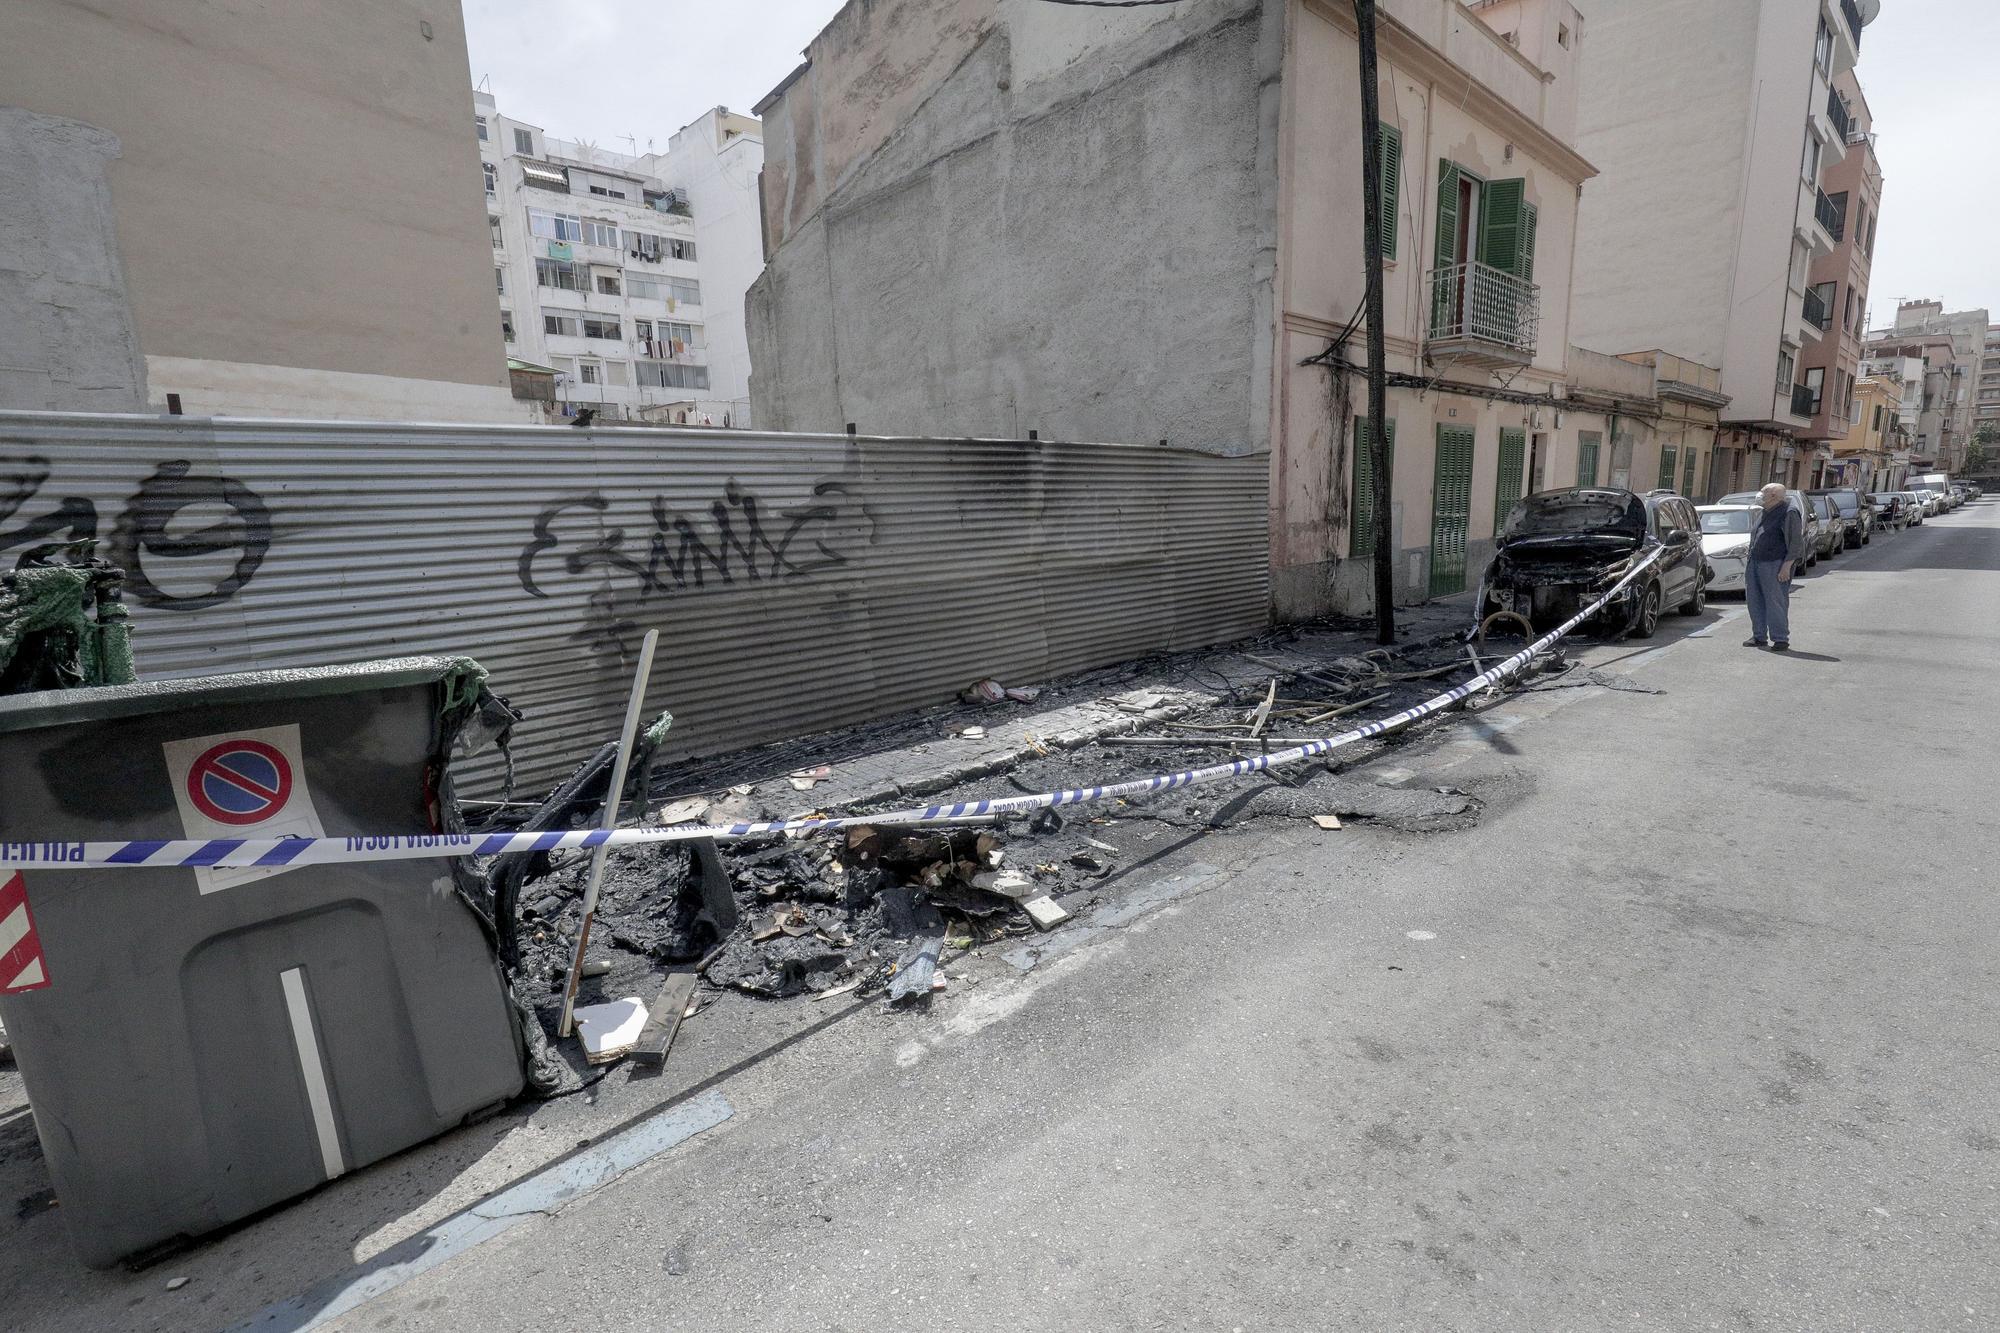 Un gran incendio de contenedores provoca enormes daños en Palma